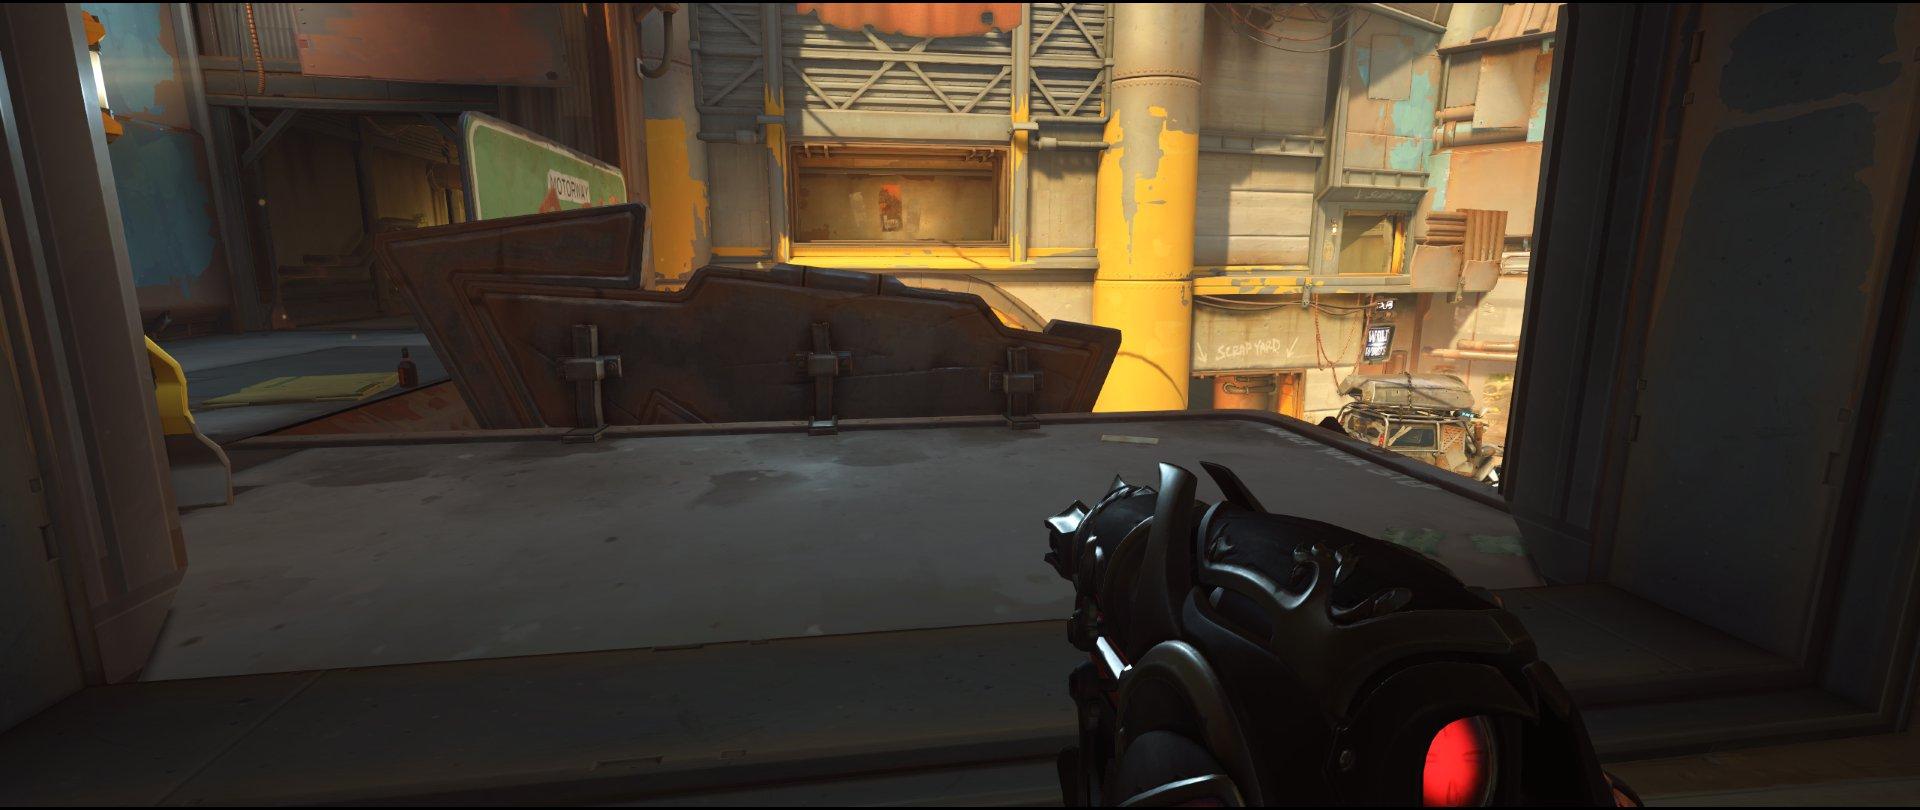 Ledge attack Widowmaker sniping spot Junkertown.jpg